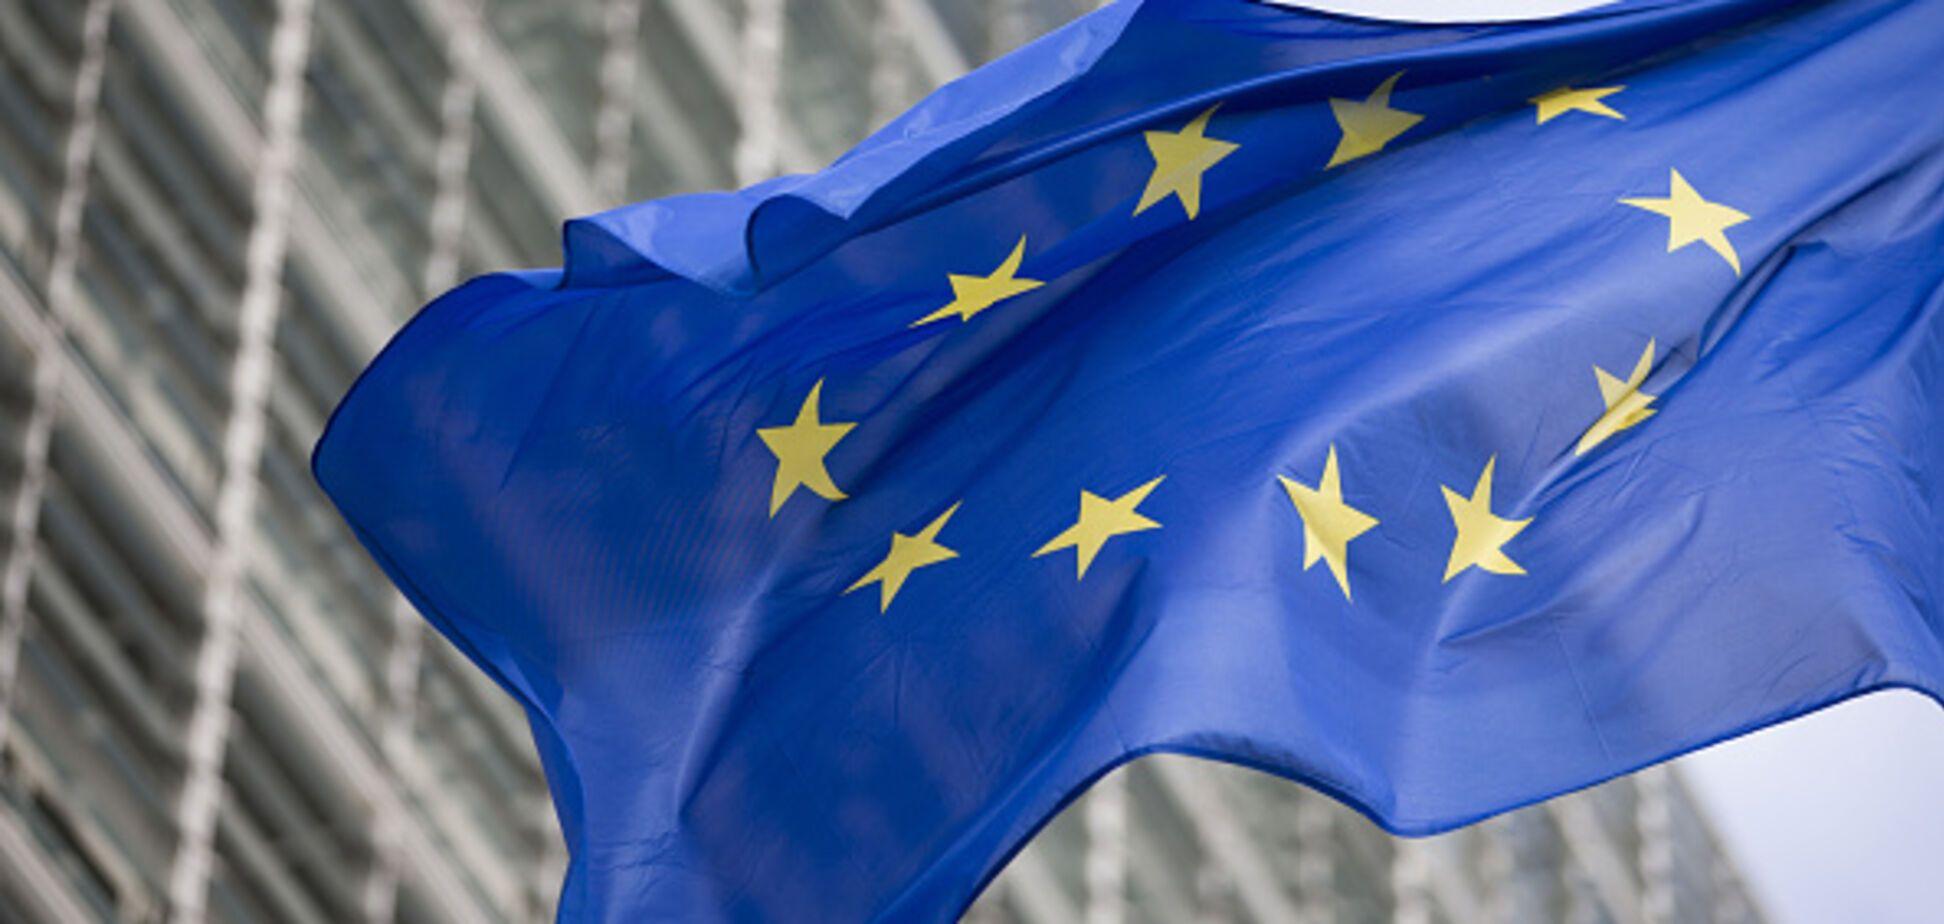 Знову друзі? Євросоюз пішов на несподіваний крок щодо Росії